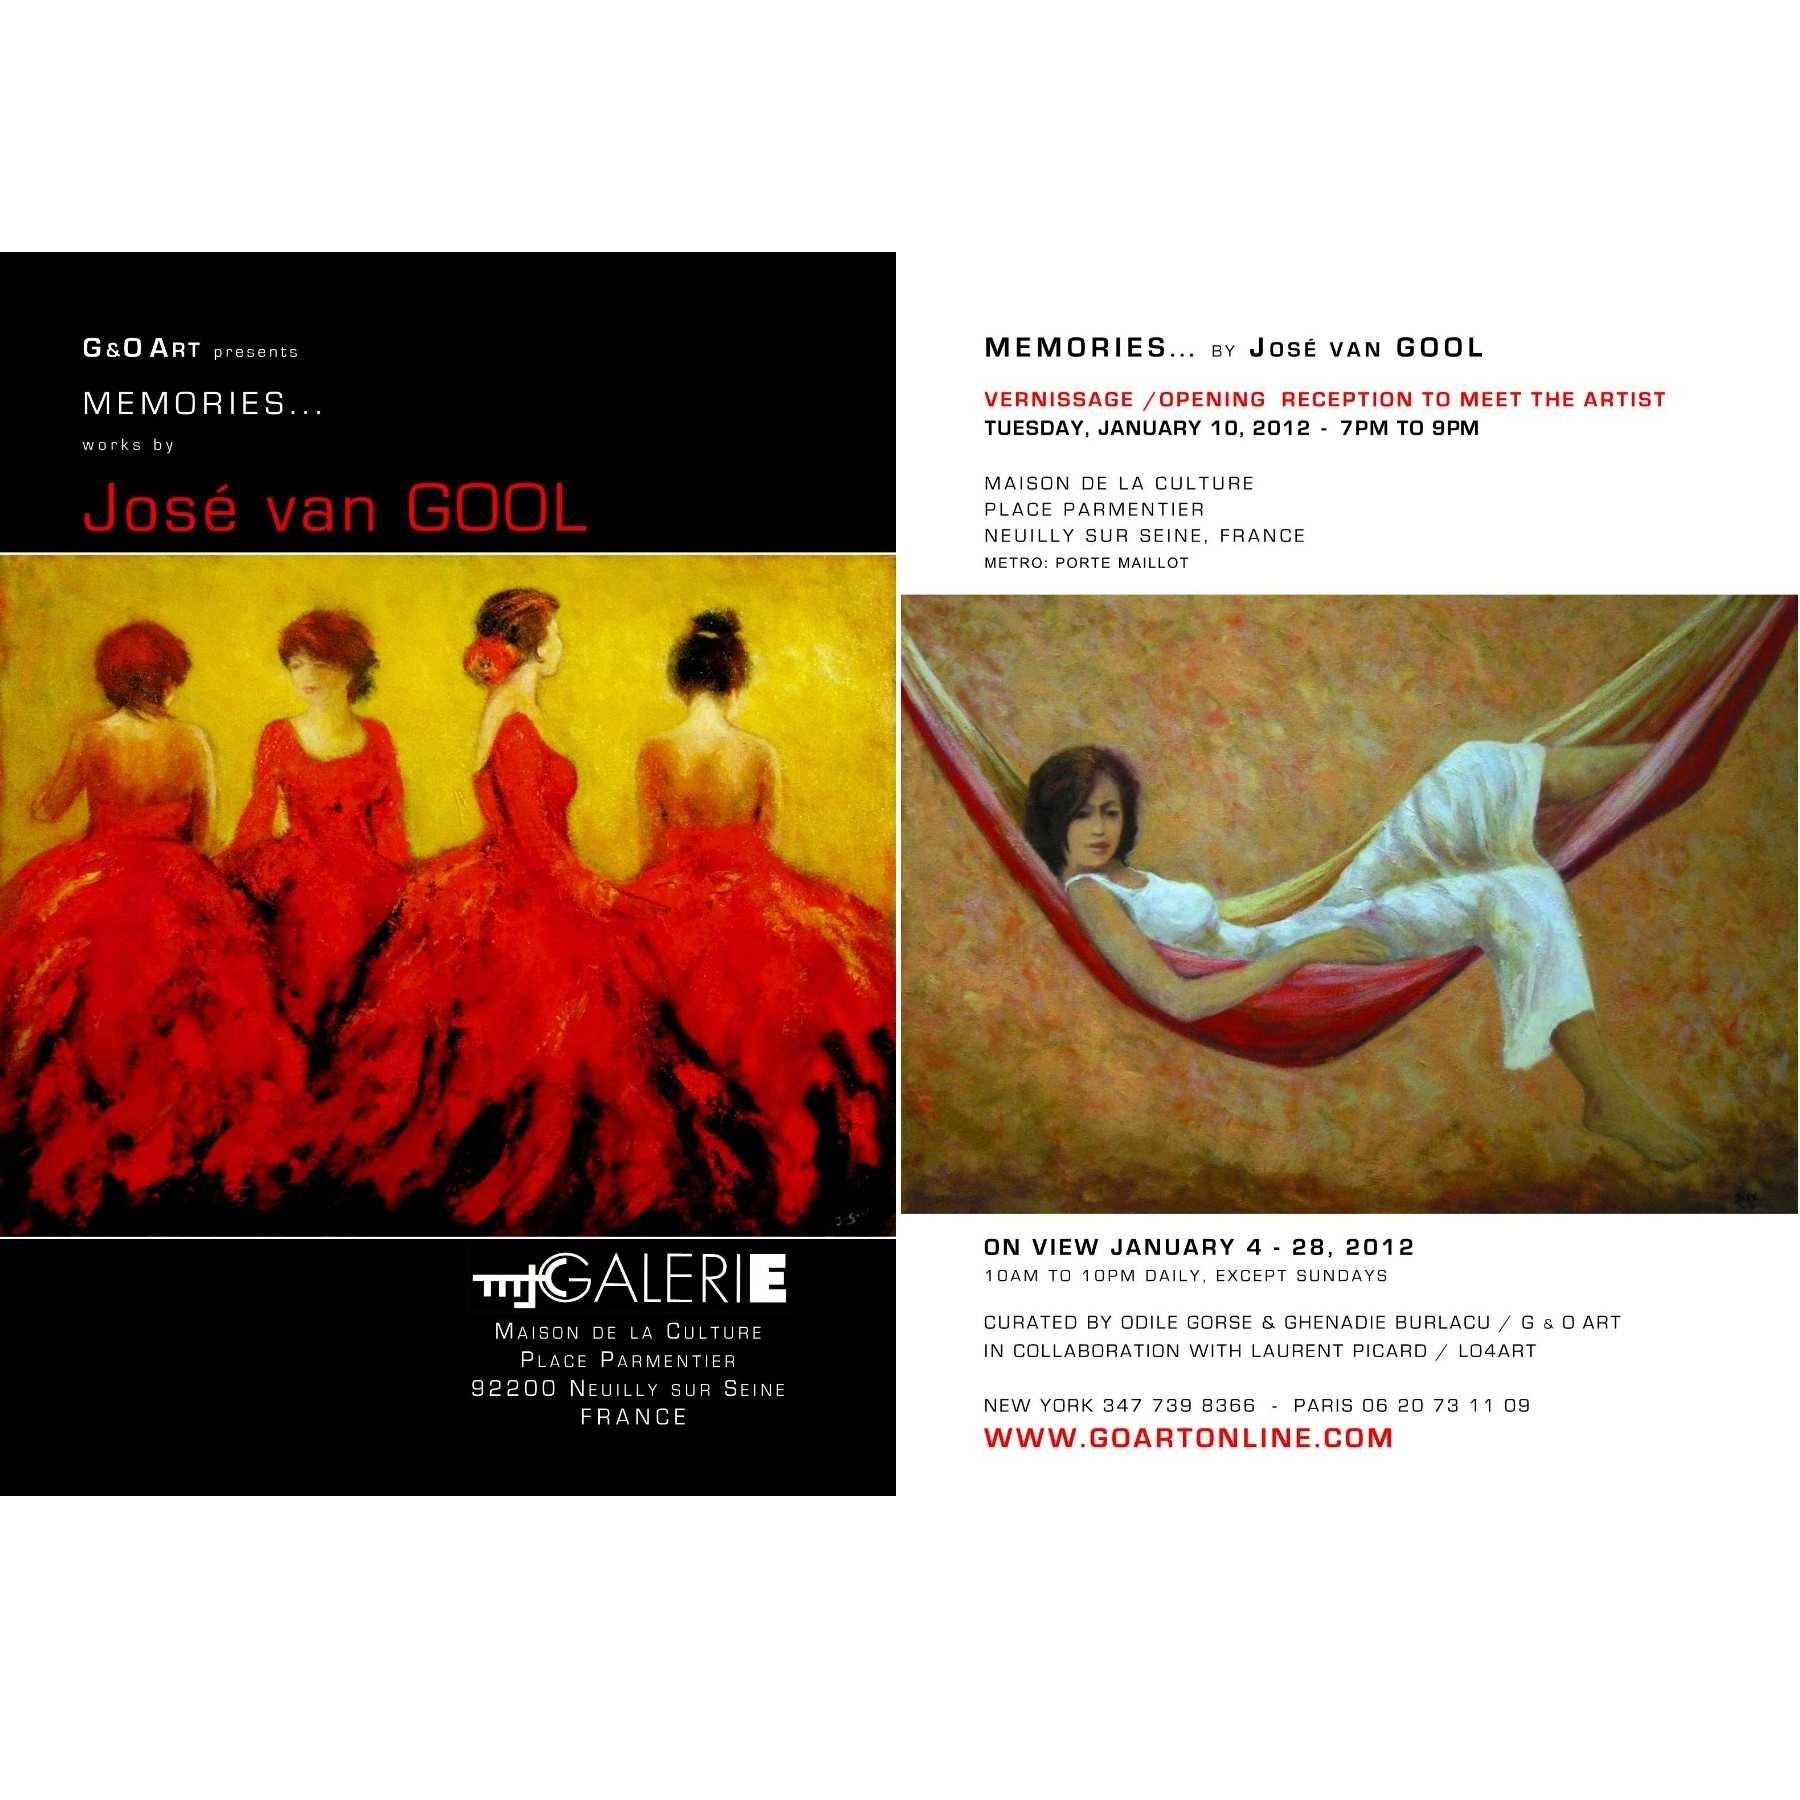 van GOOL at MJC Gallery